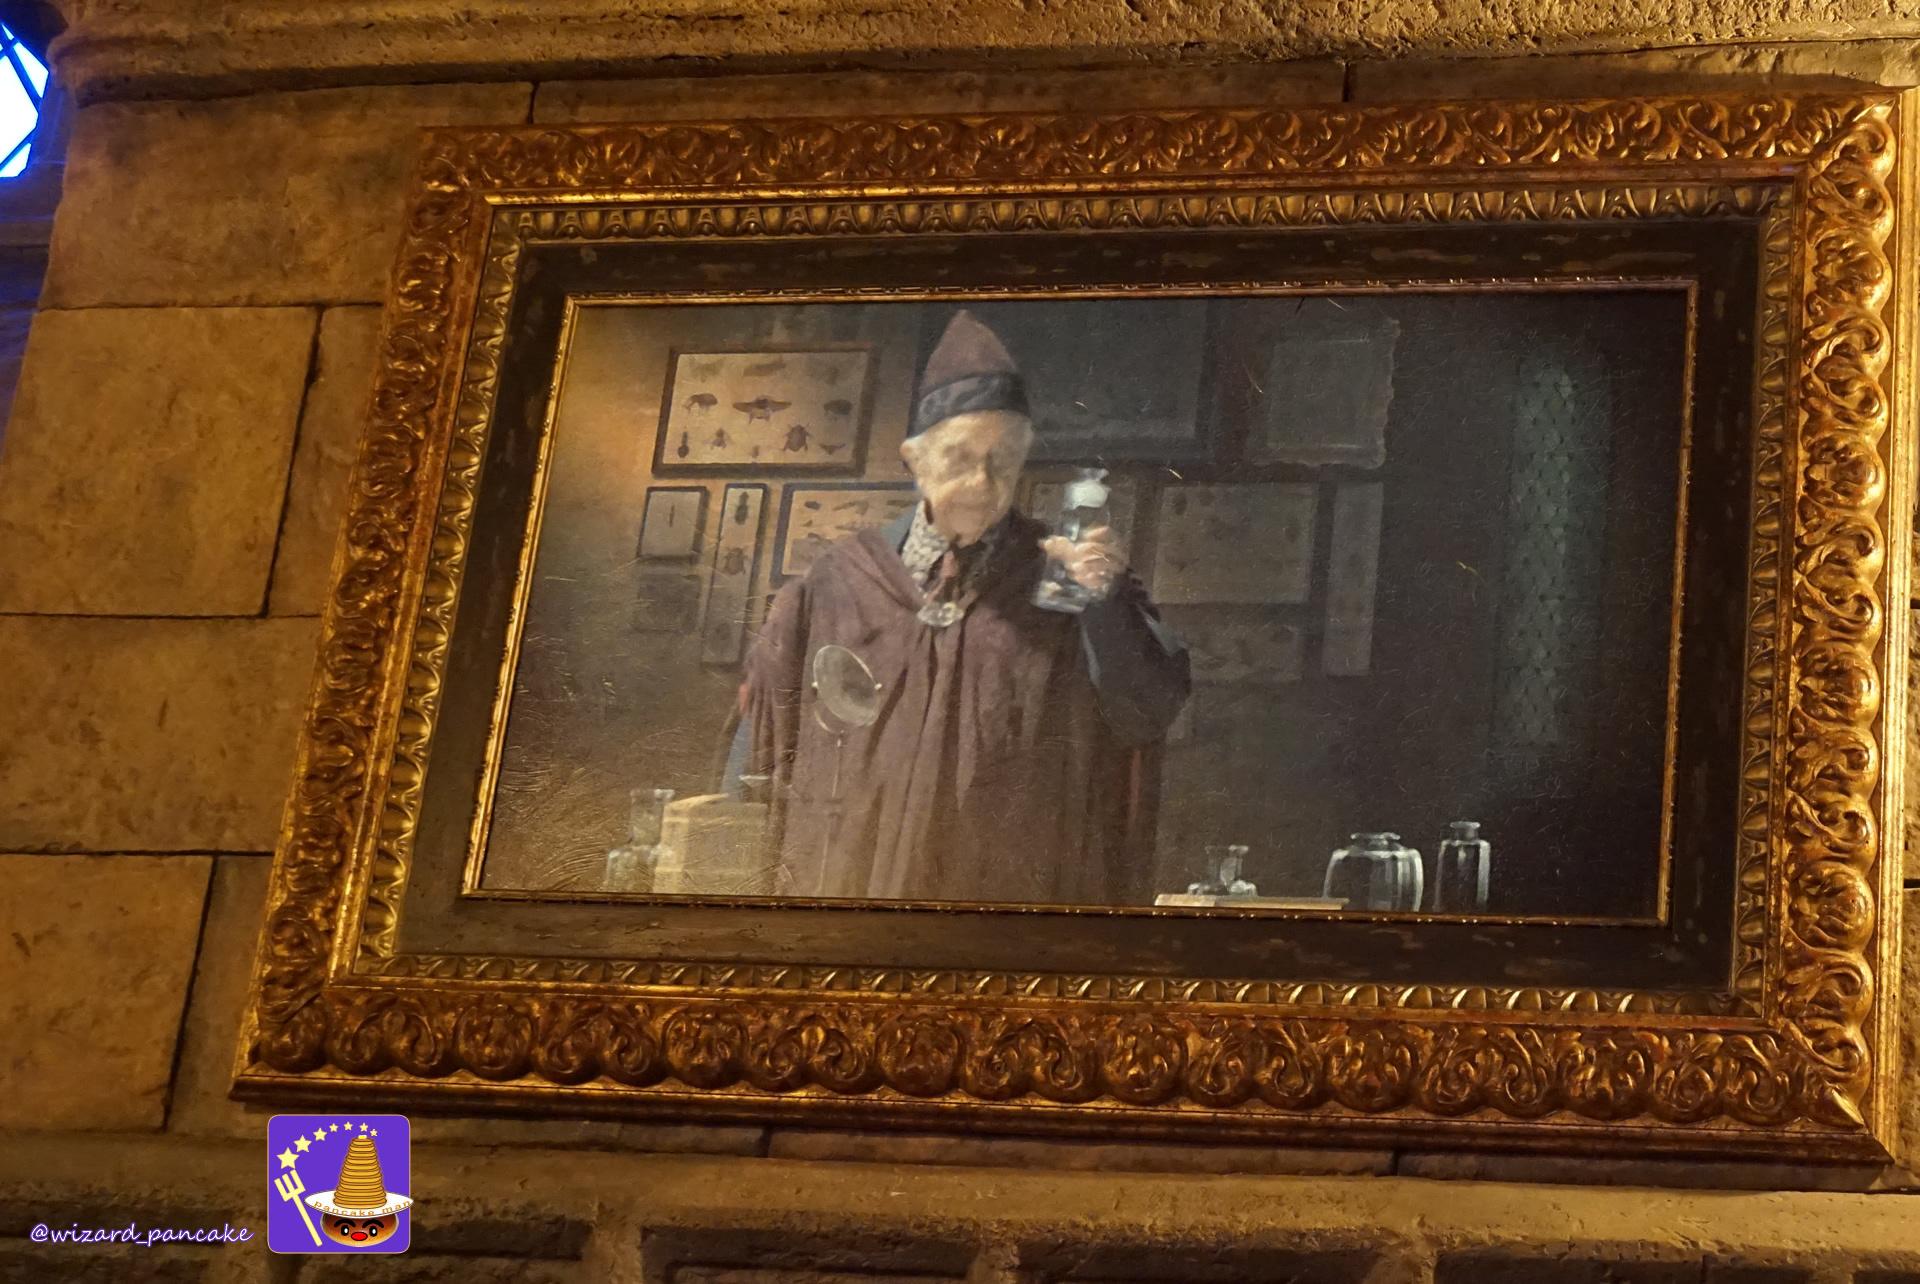 ファンタビで登場した魔法生物ビリーウィッグがホグワーツ城に!?ホグワーツ キャッスル ウォーク(USJ魔法界)パンケーキマン・ダンブルドア